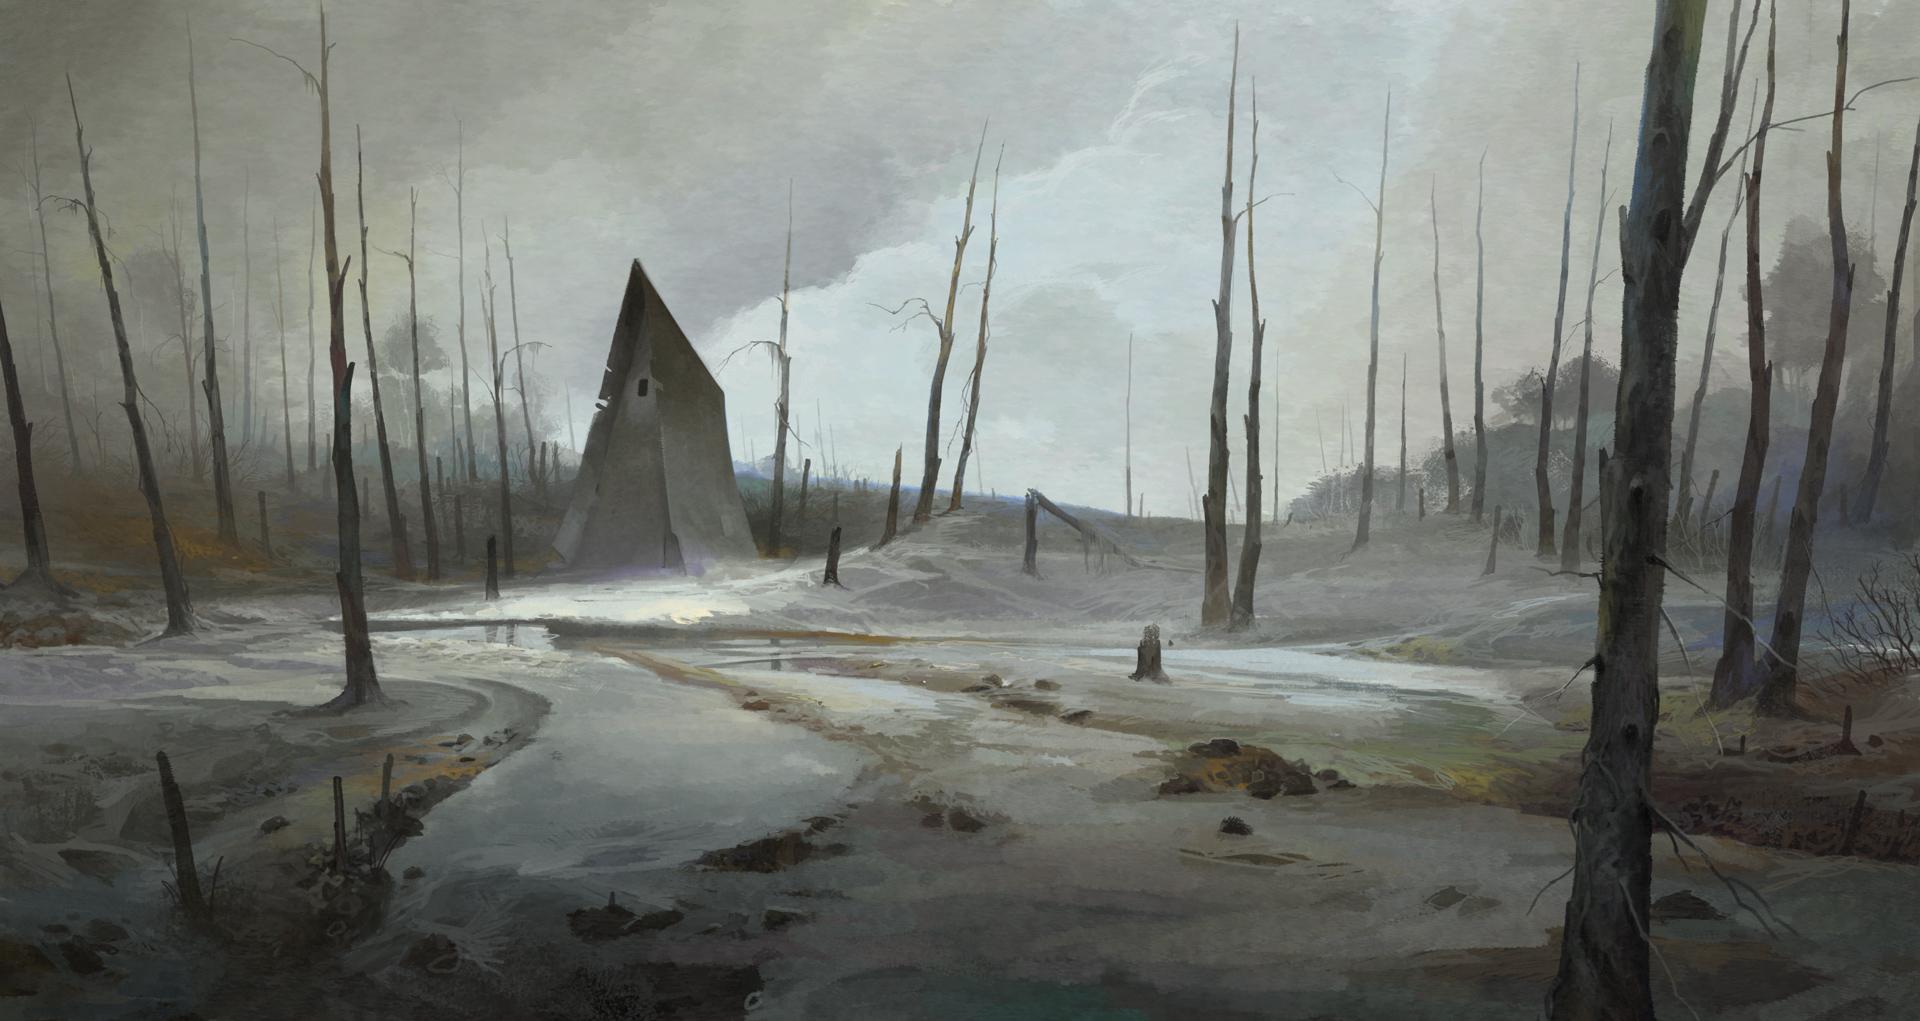 Hut by Der-Reiko